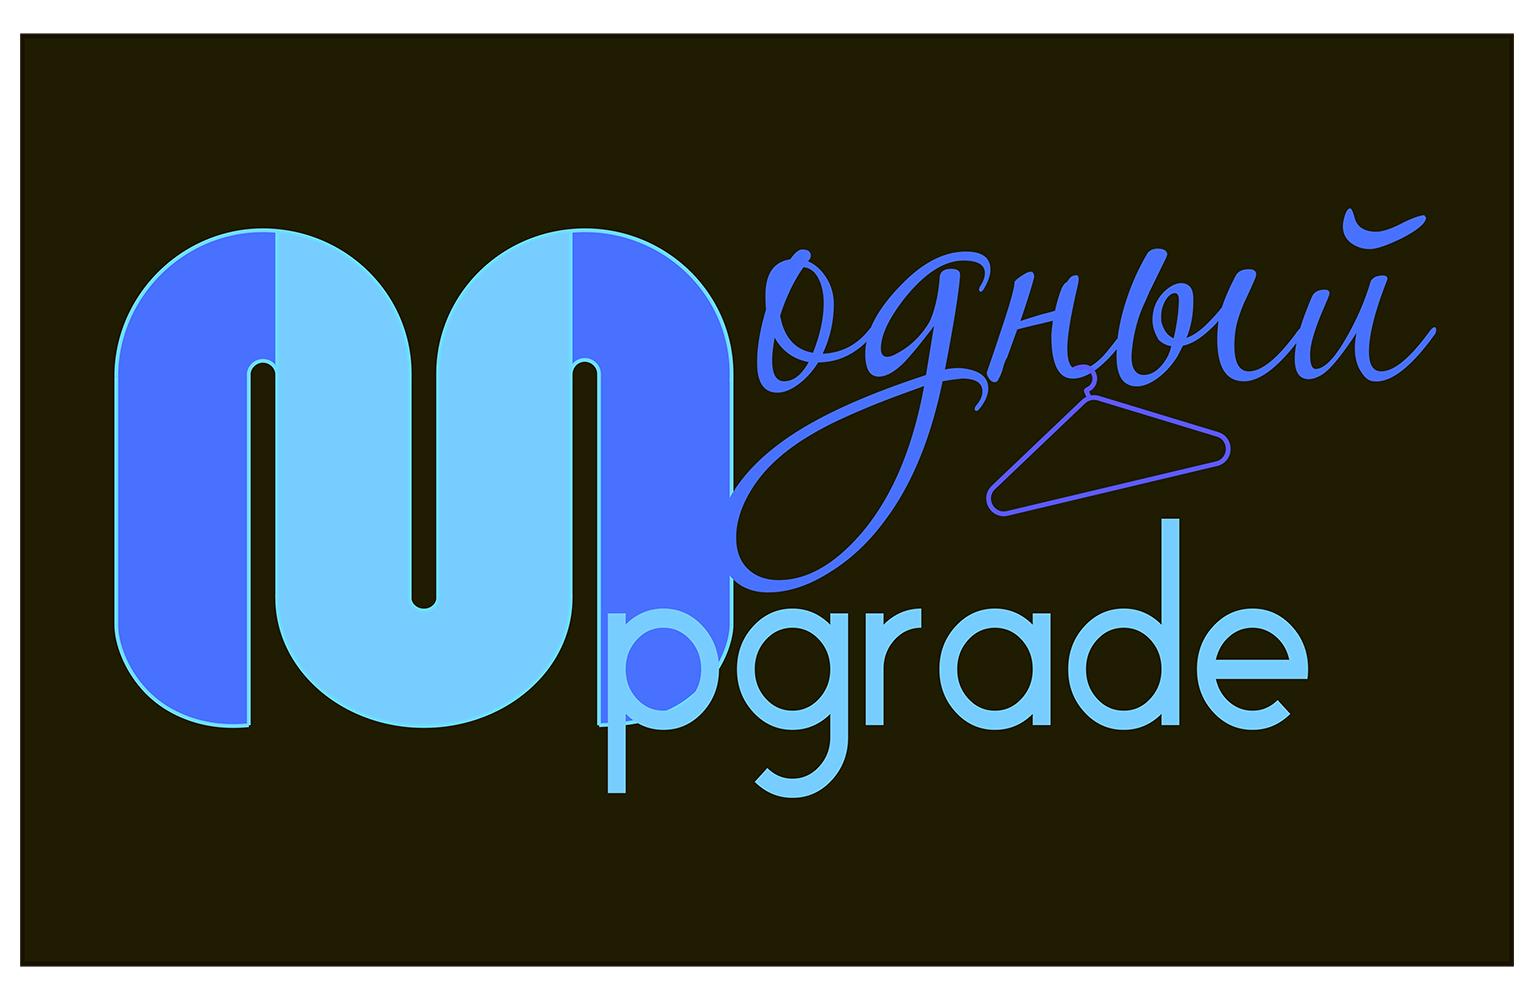 """Логотип интернет магазина """"Модный UPGRADE"""" фото f_10059483469ab8ea.jpg"""